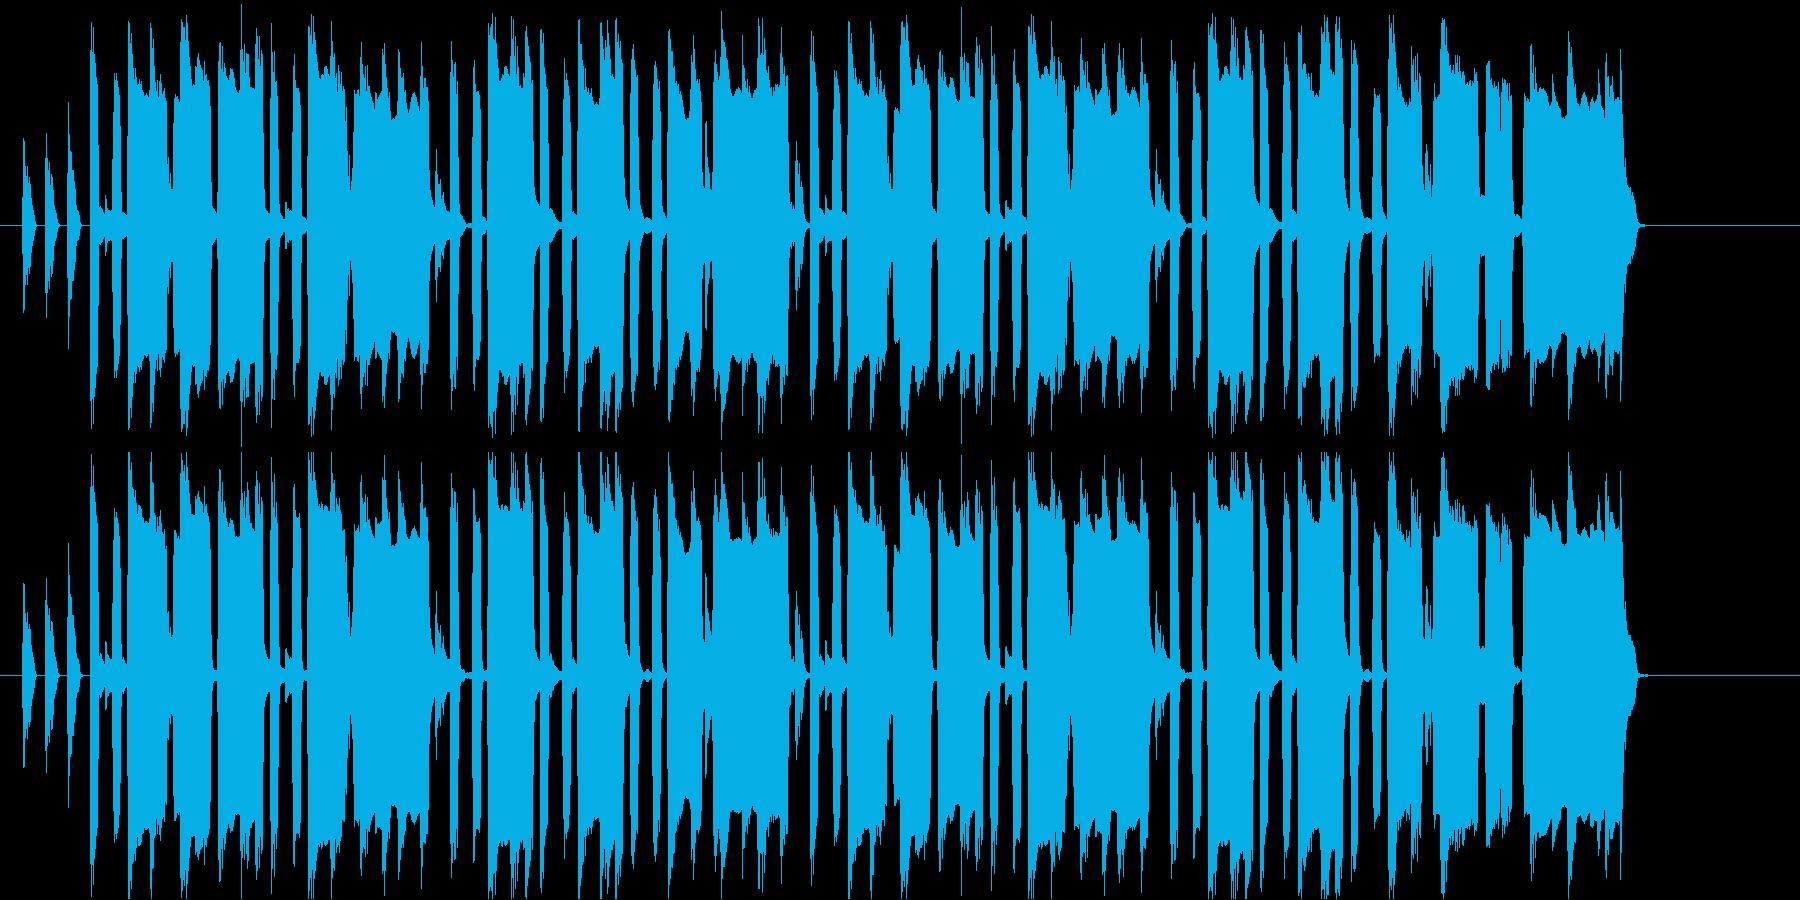 うきうきスキップする感じの曲の再生済みの波形